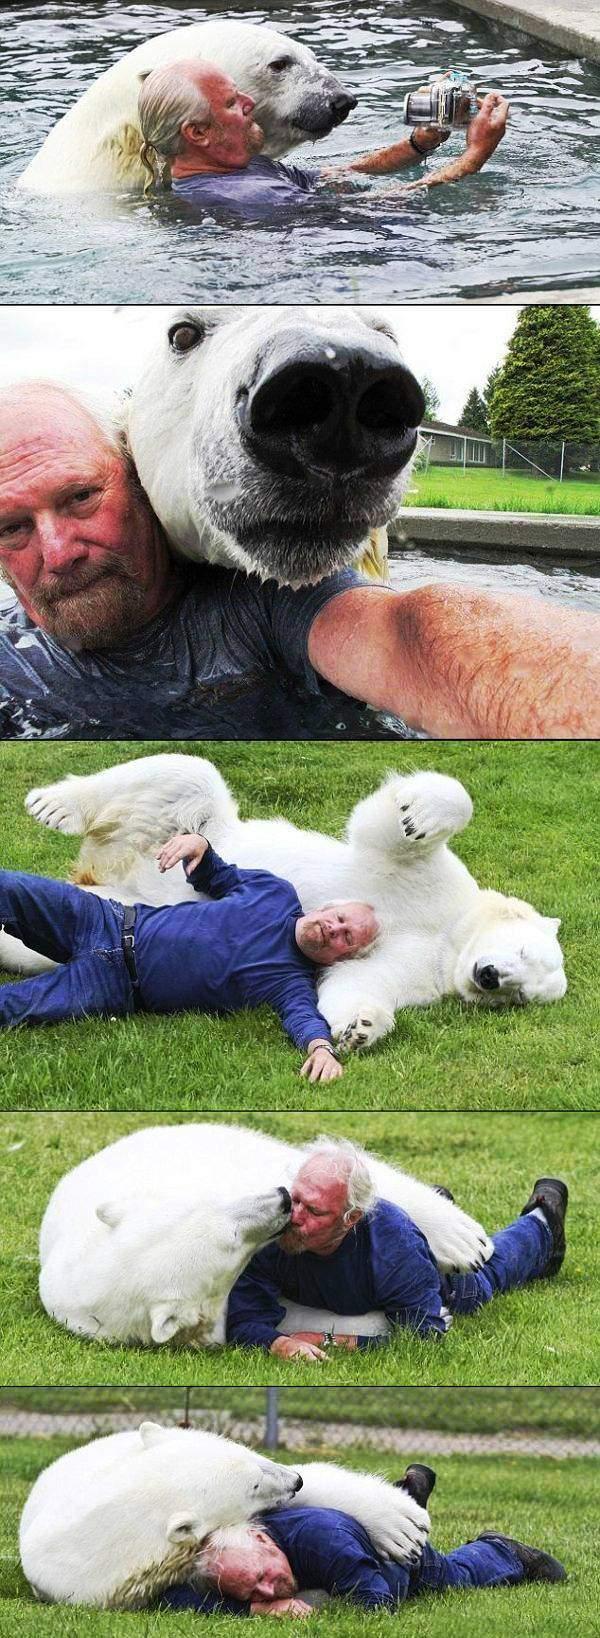 benefits-being-polar-bear-zookeeper